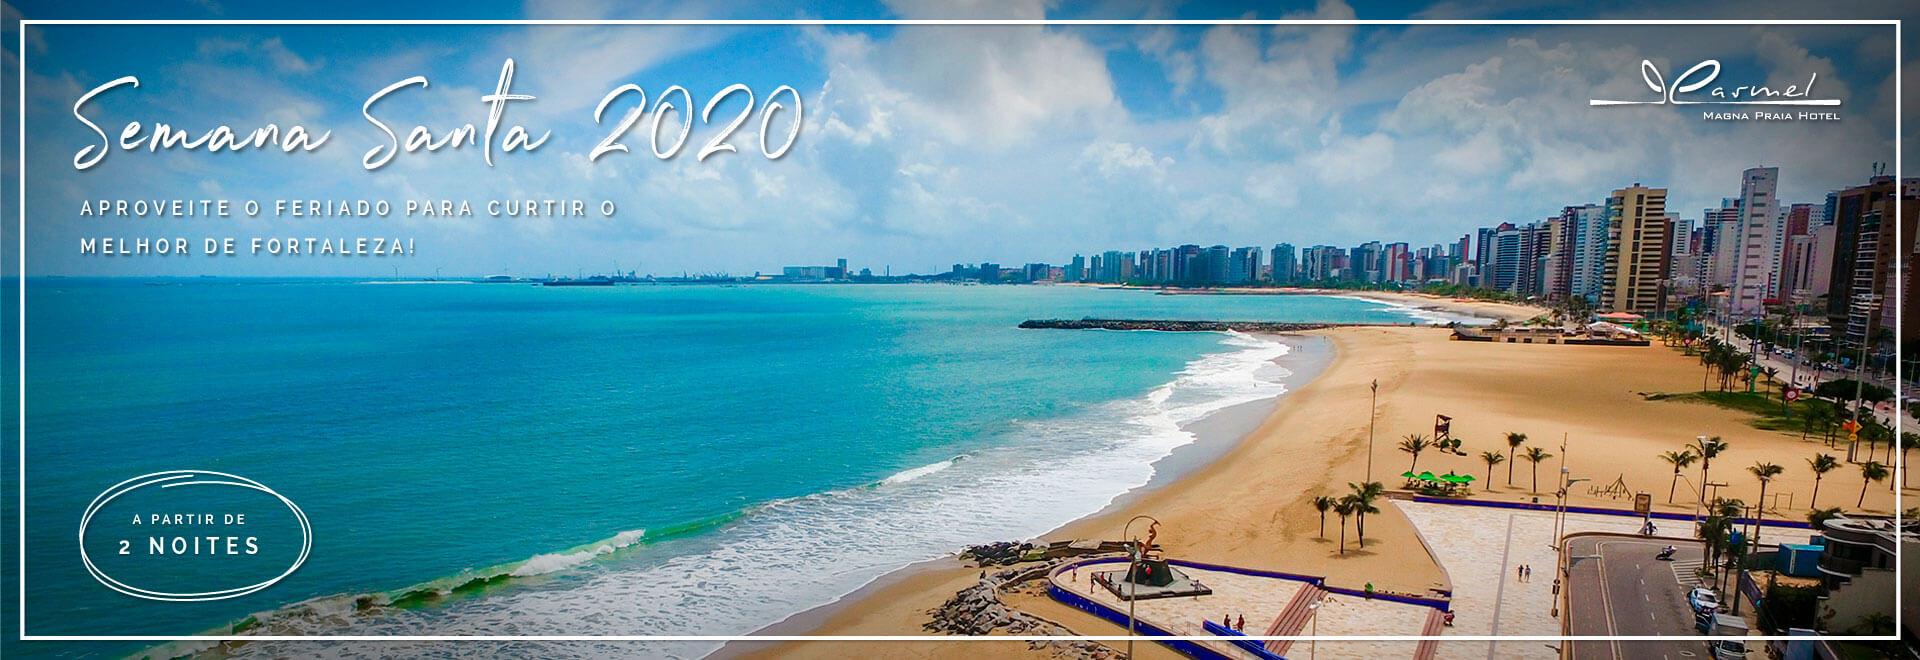 SEMANA-SANTA-2020 02